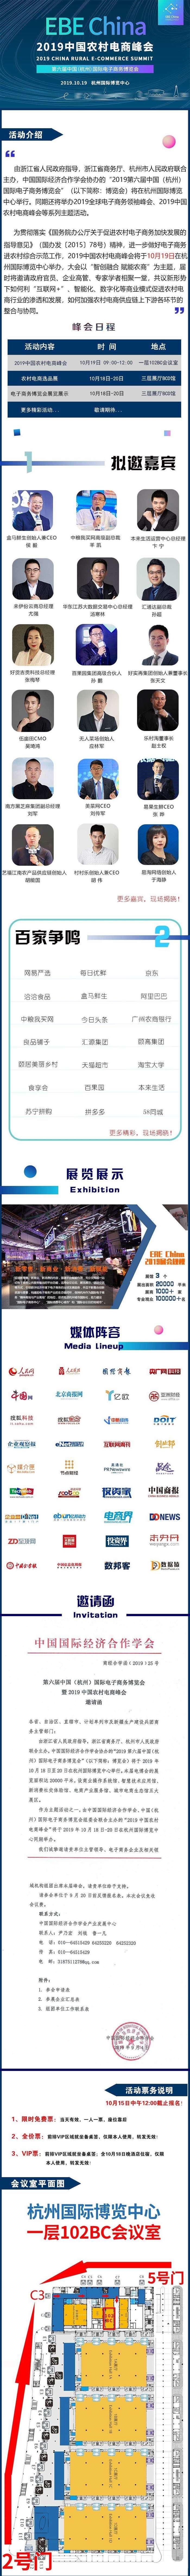 2019中国农村电商峰会.png